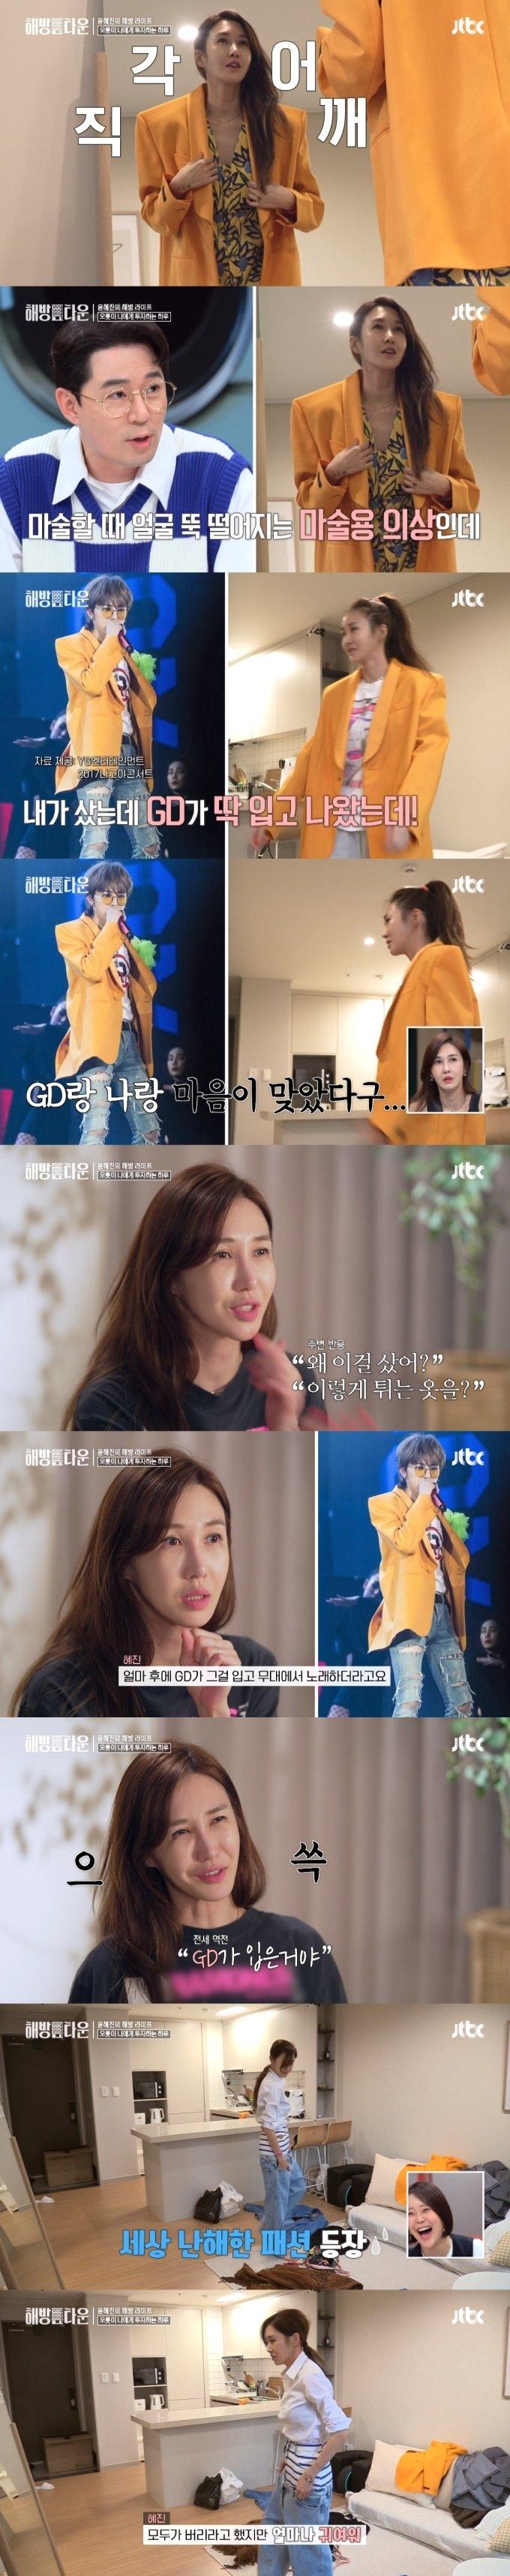 """윤혜진, 이해하기 힘든 패션 세계?…""""GD 입은 재킷, 나도 있어"""" [RE:TV]"""